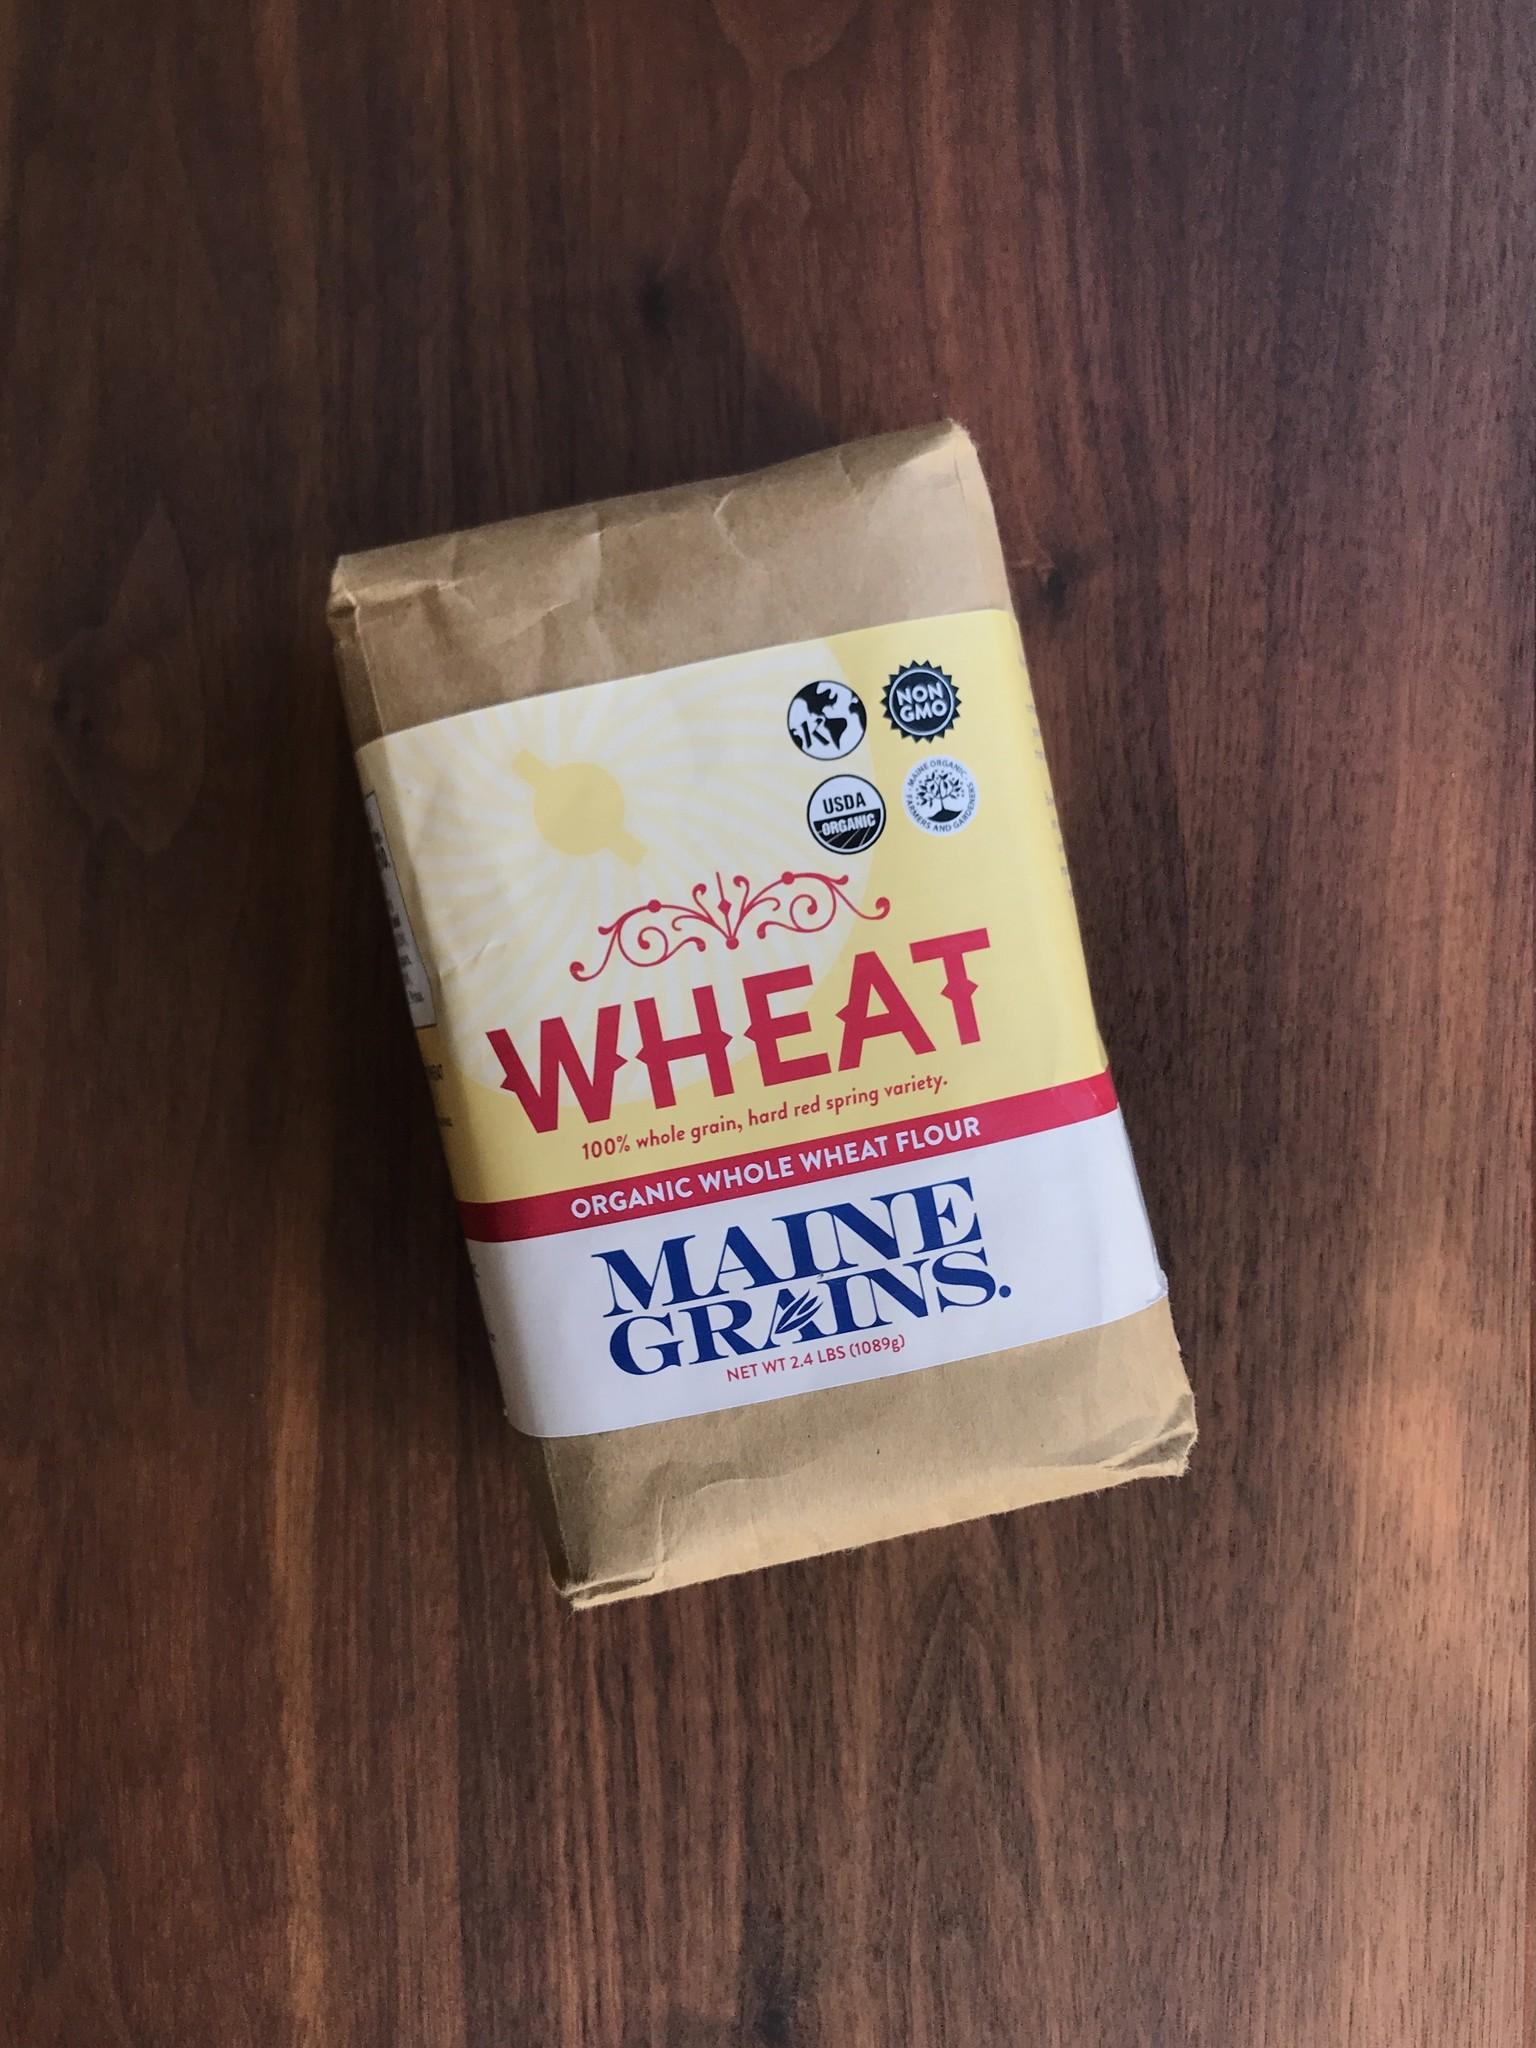 Maine Grains Organic Whole Wheat Flour, 2.4 lbs.-1